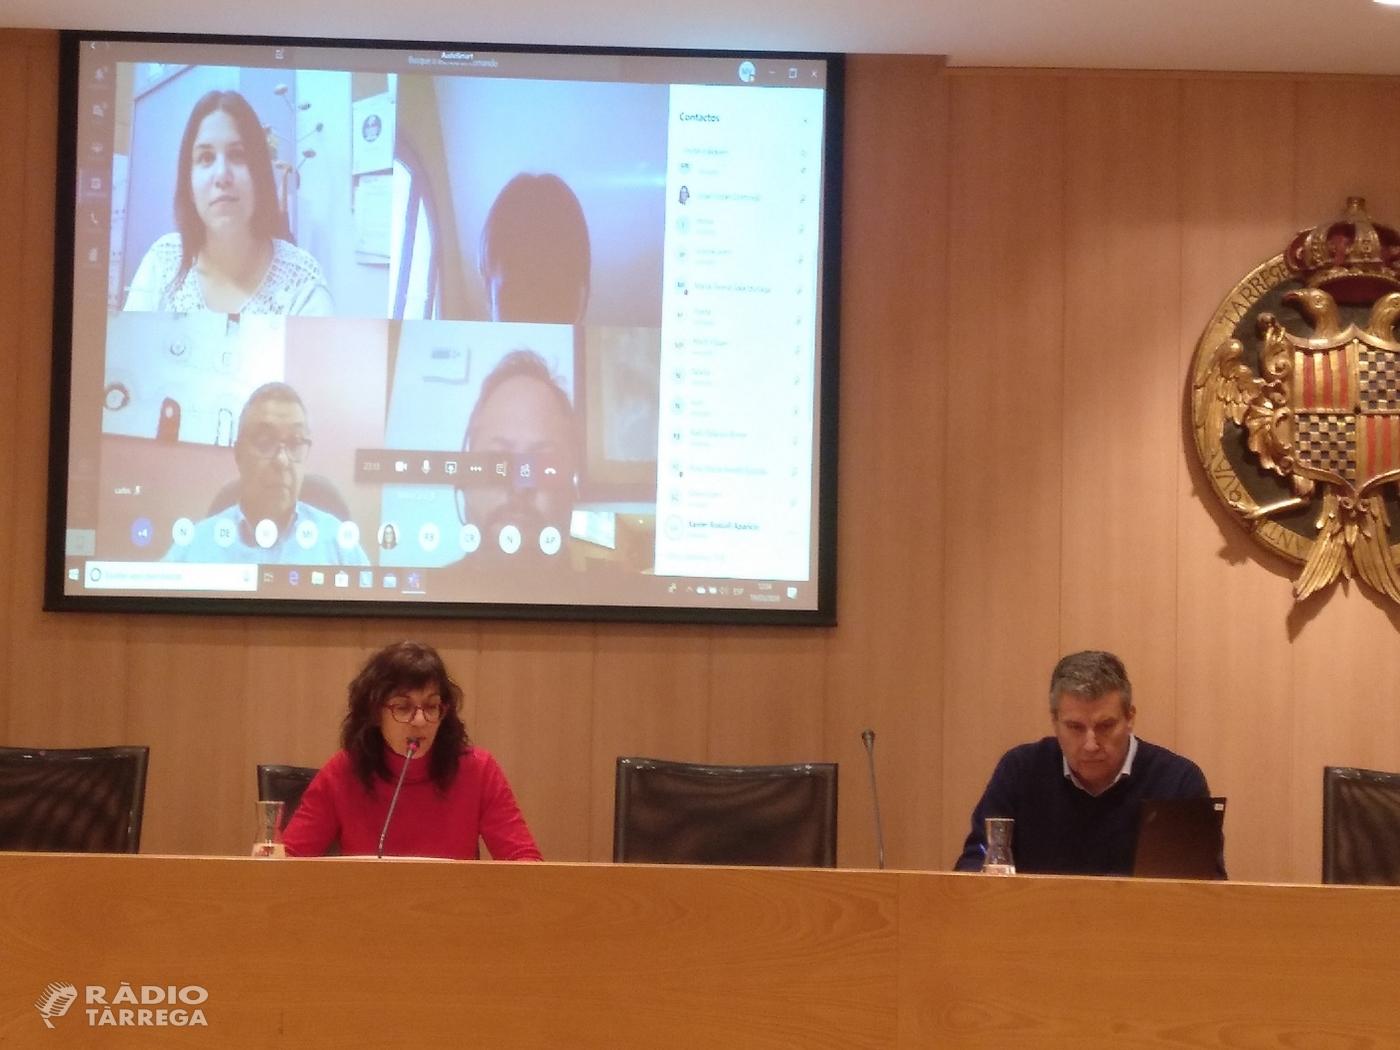 Àudio crònica del ple de l'Ajuntament de Tàrrega del 19 de març que ha aprovat els pressupostos pel 2020